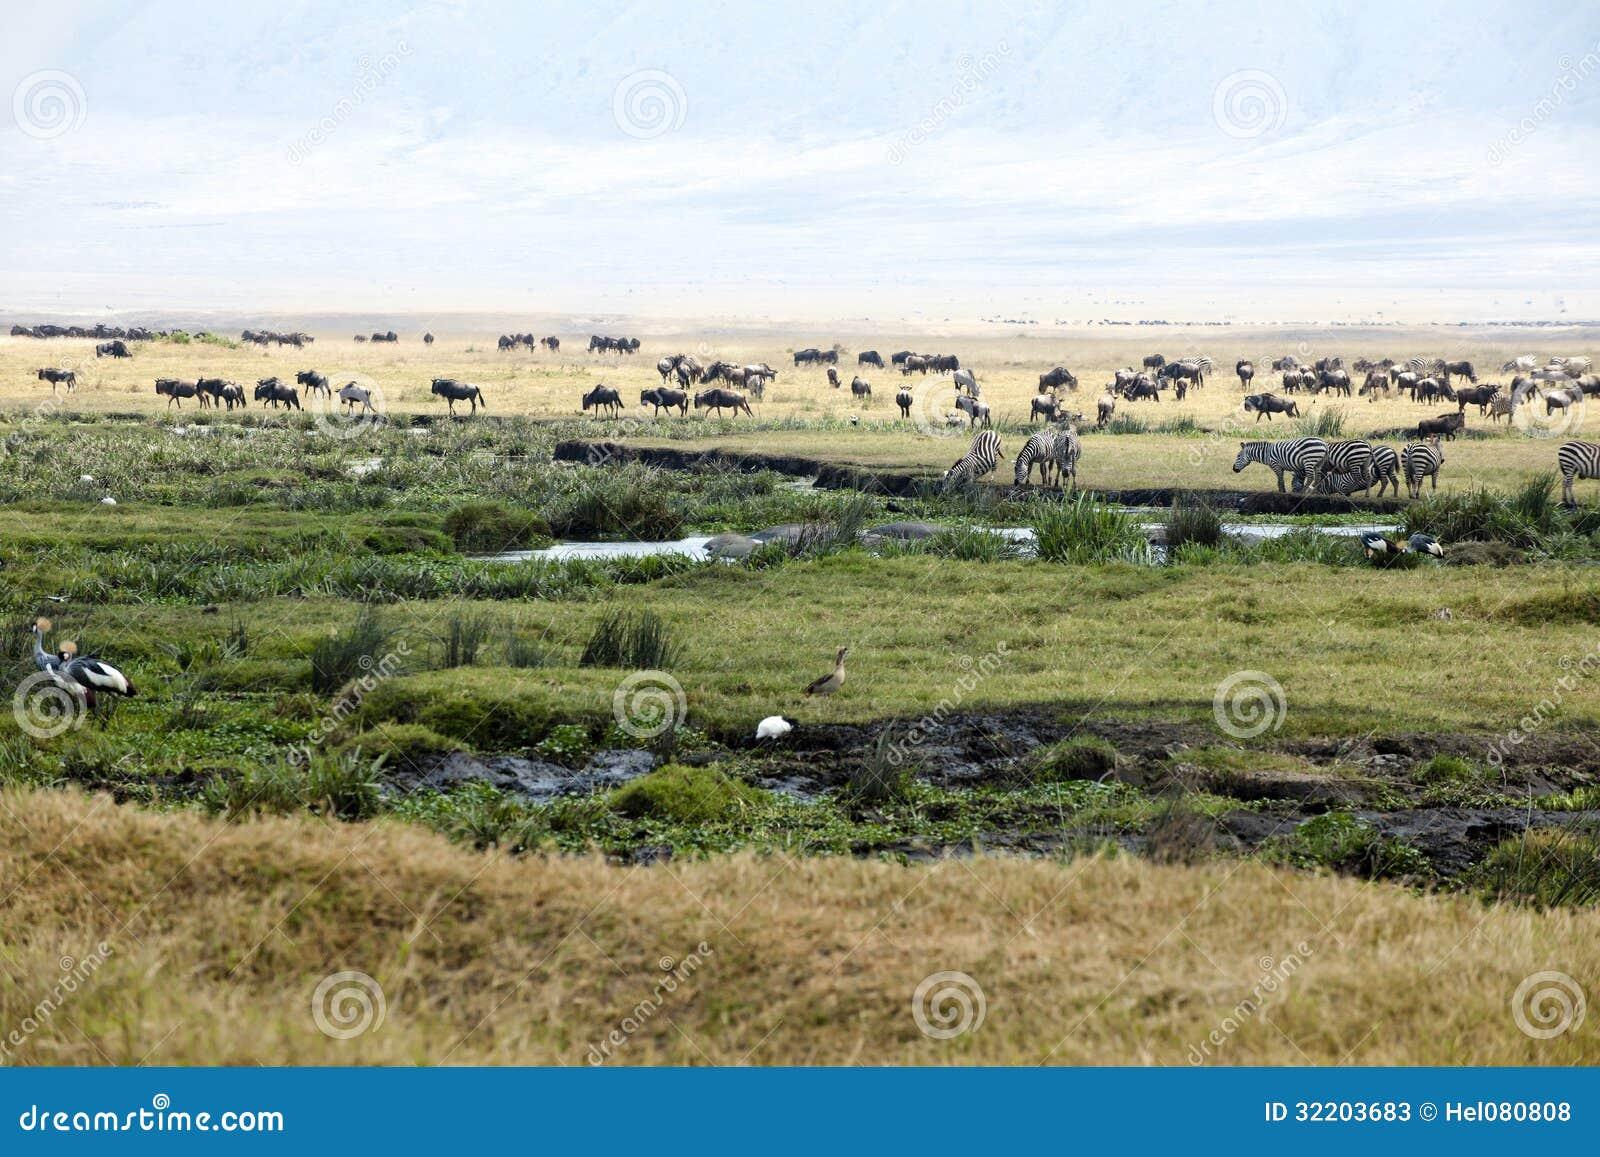 Zèbres, gnous, hippopotames, oiseaux sur le cratère de Ngorongoro